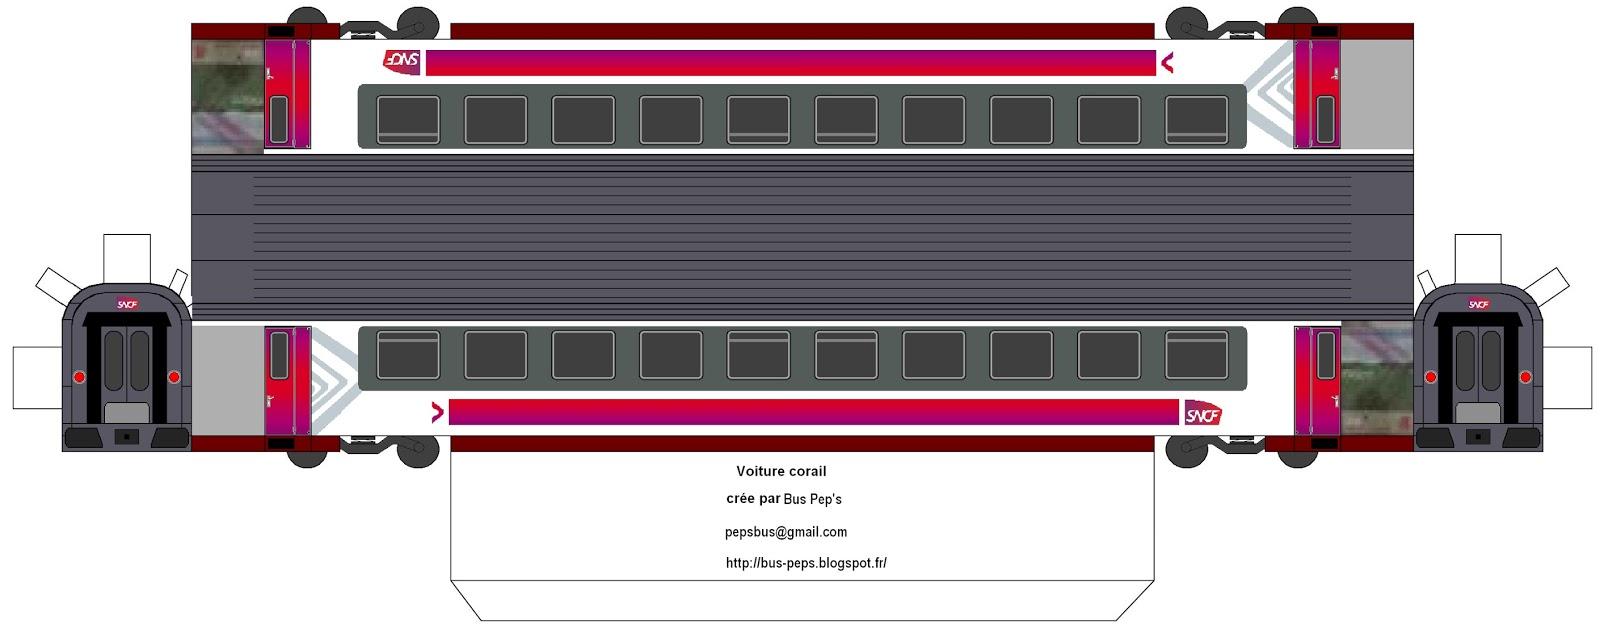 maquette papier voiture corail. Black Bedroom Furniture Sets. Home Design Ideas